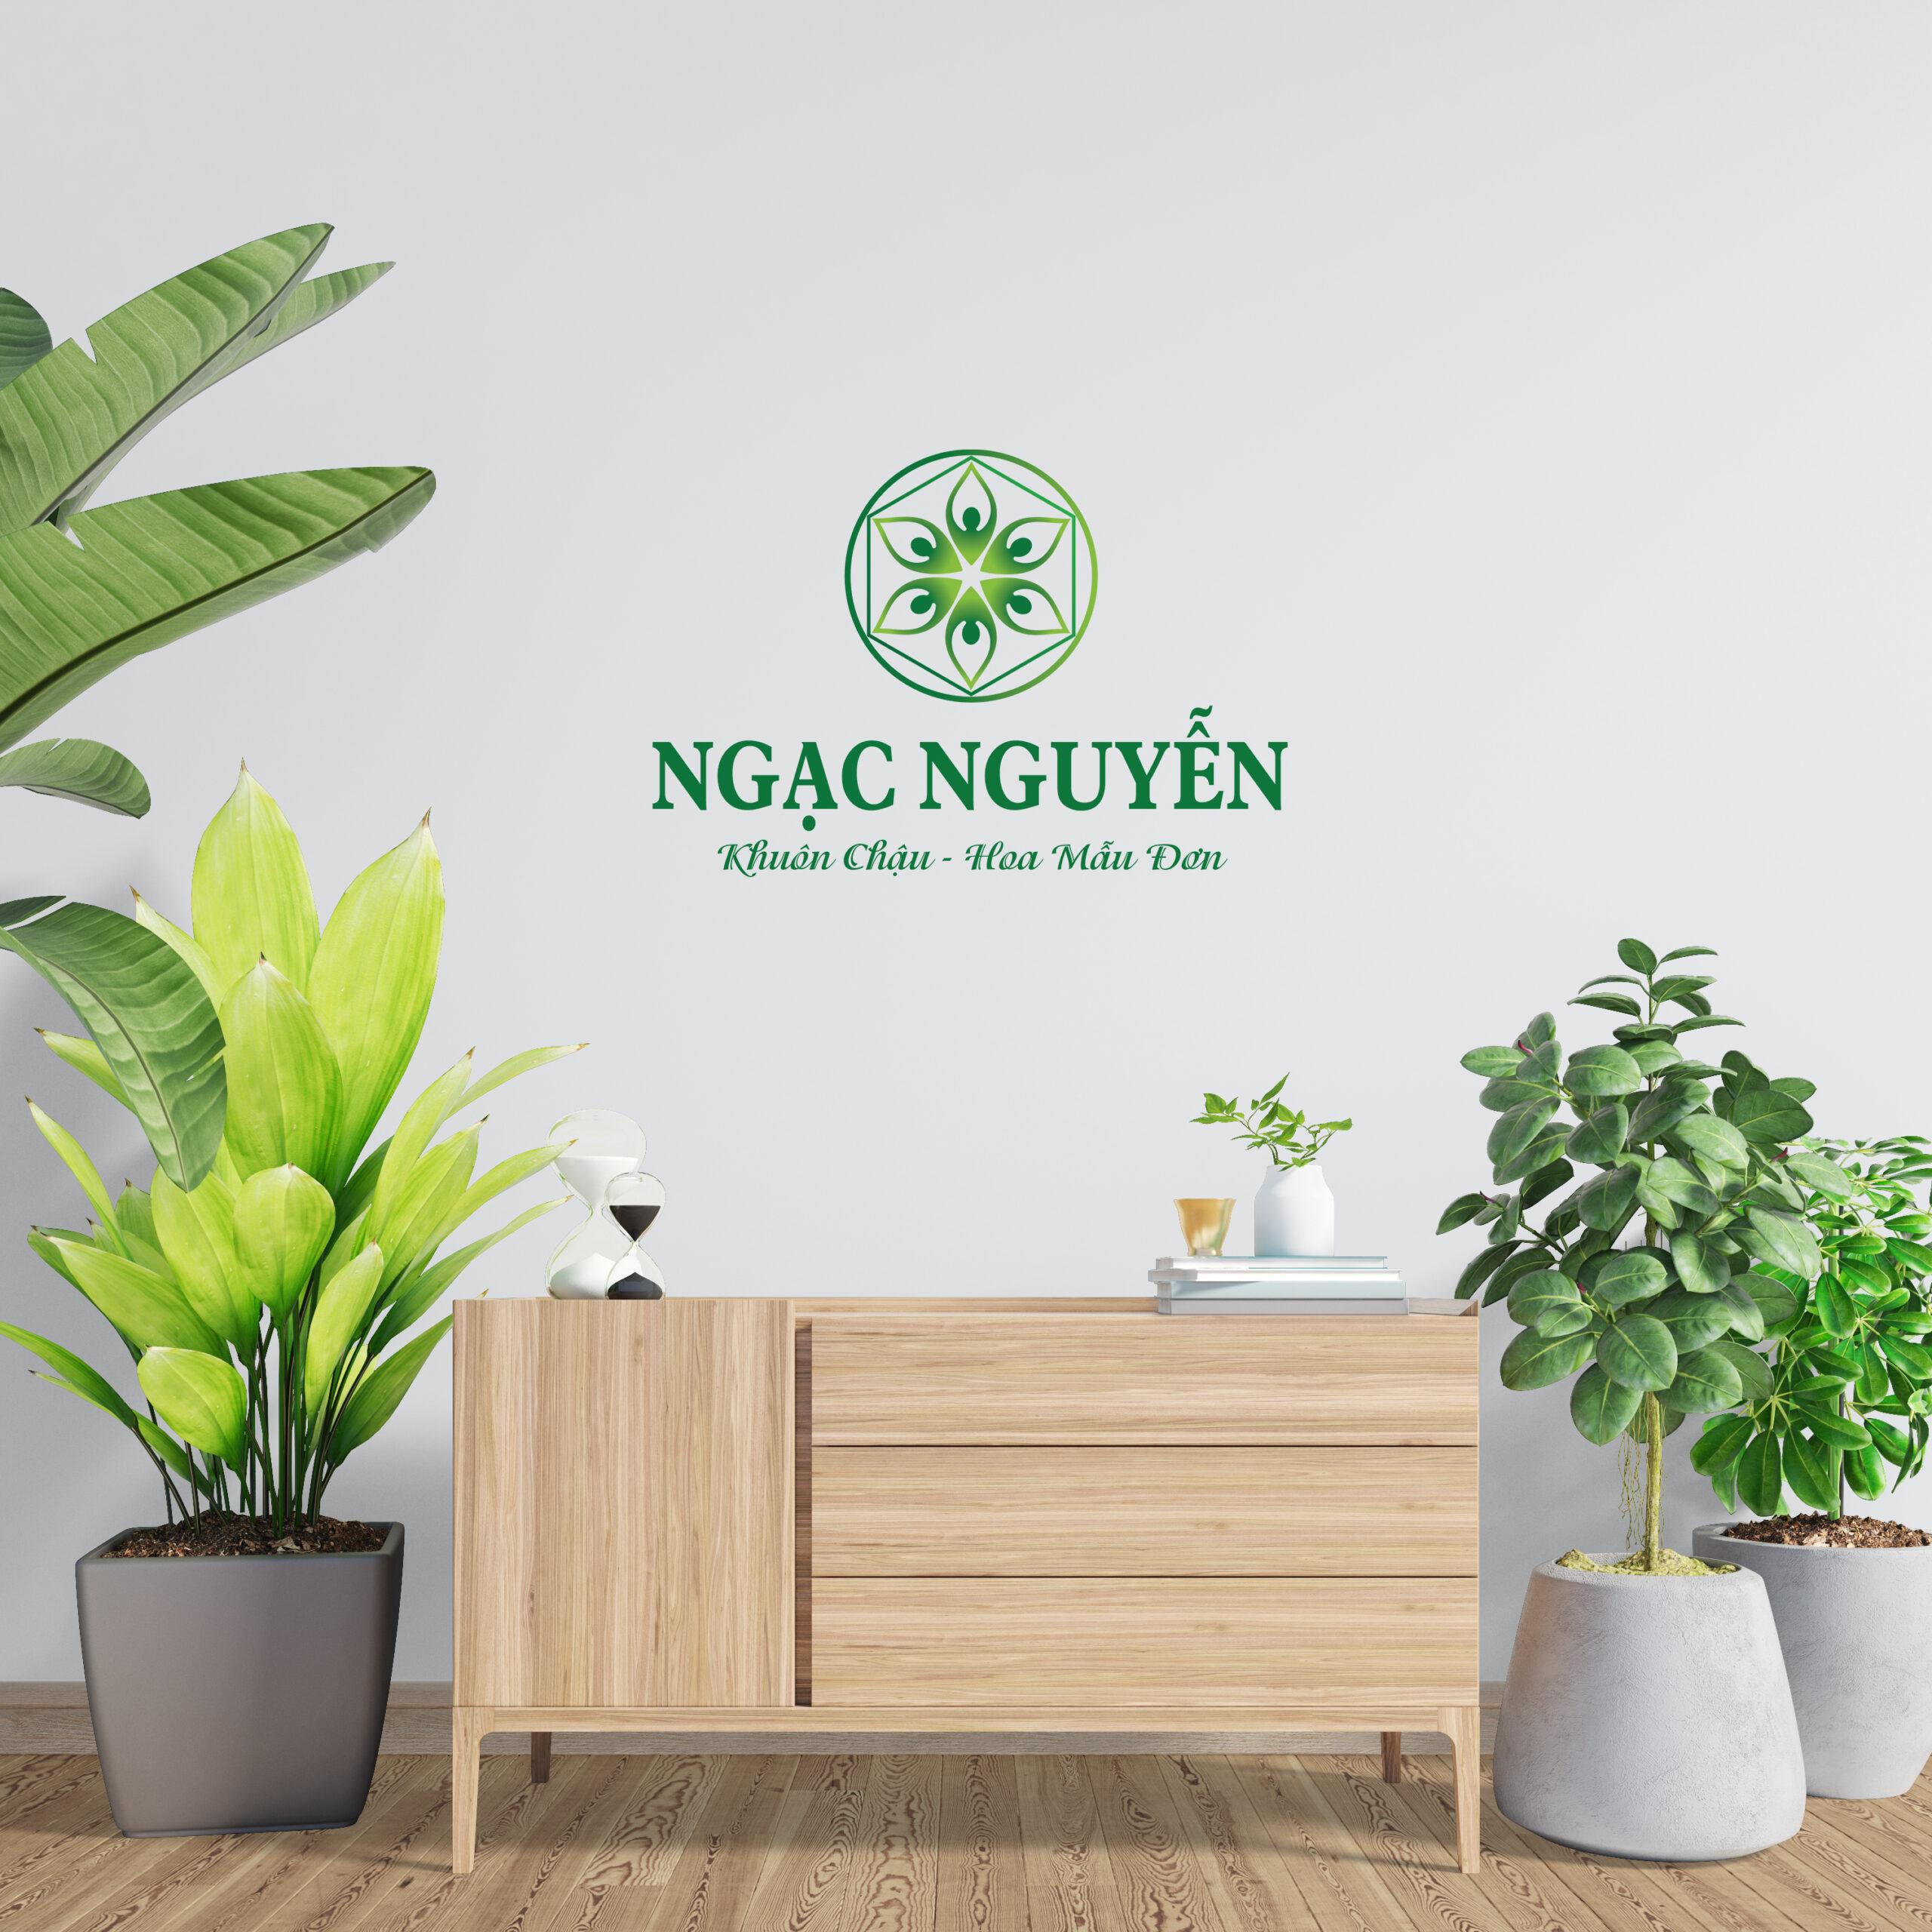 Logo Ngạc Nguyễn Chuyên Khuôn chậu hoa mẫu đơn với màu xanh lá tươi mát